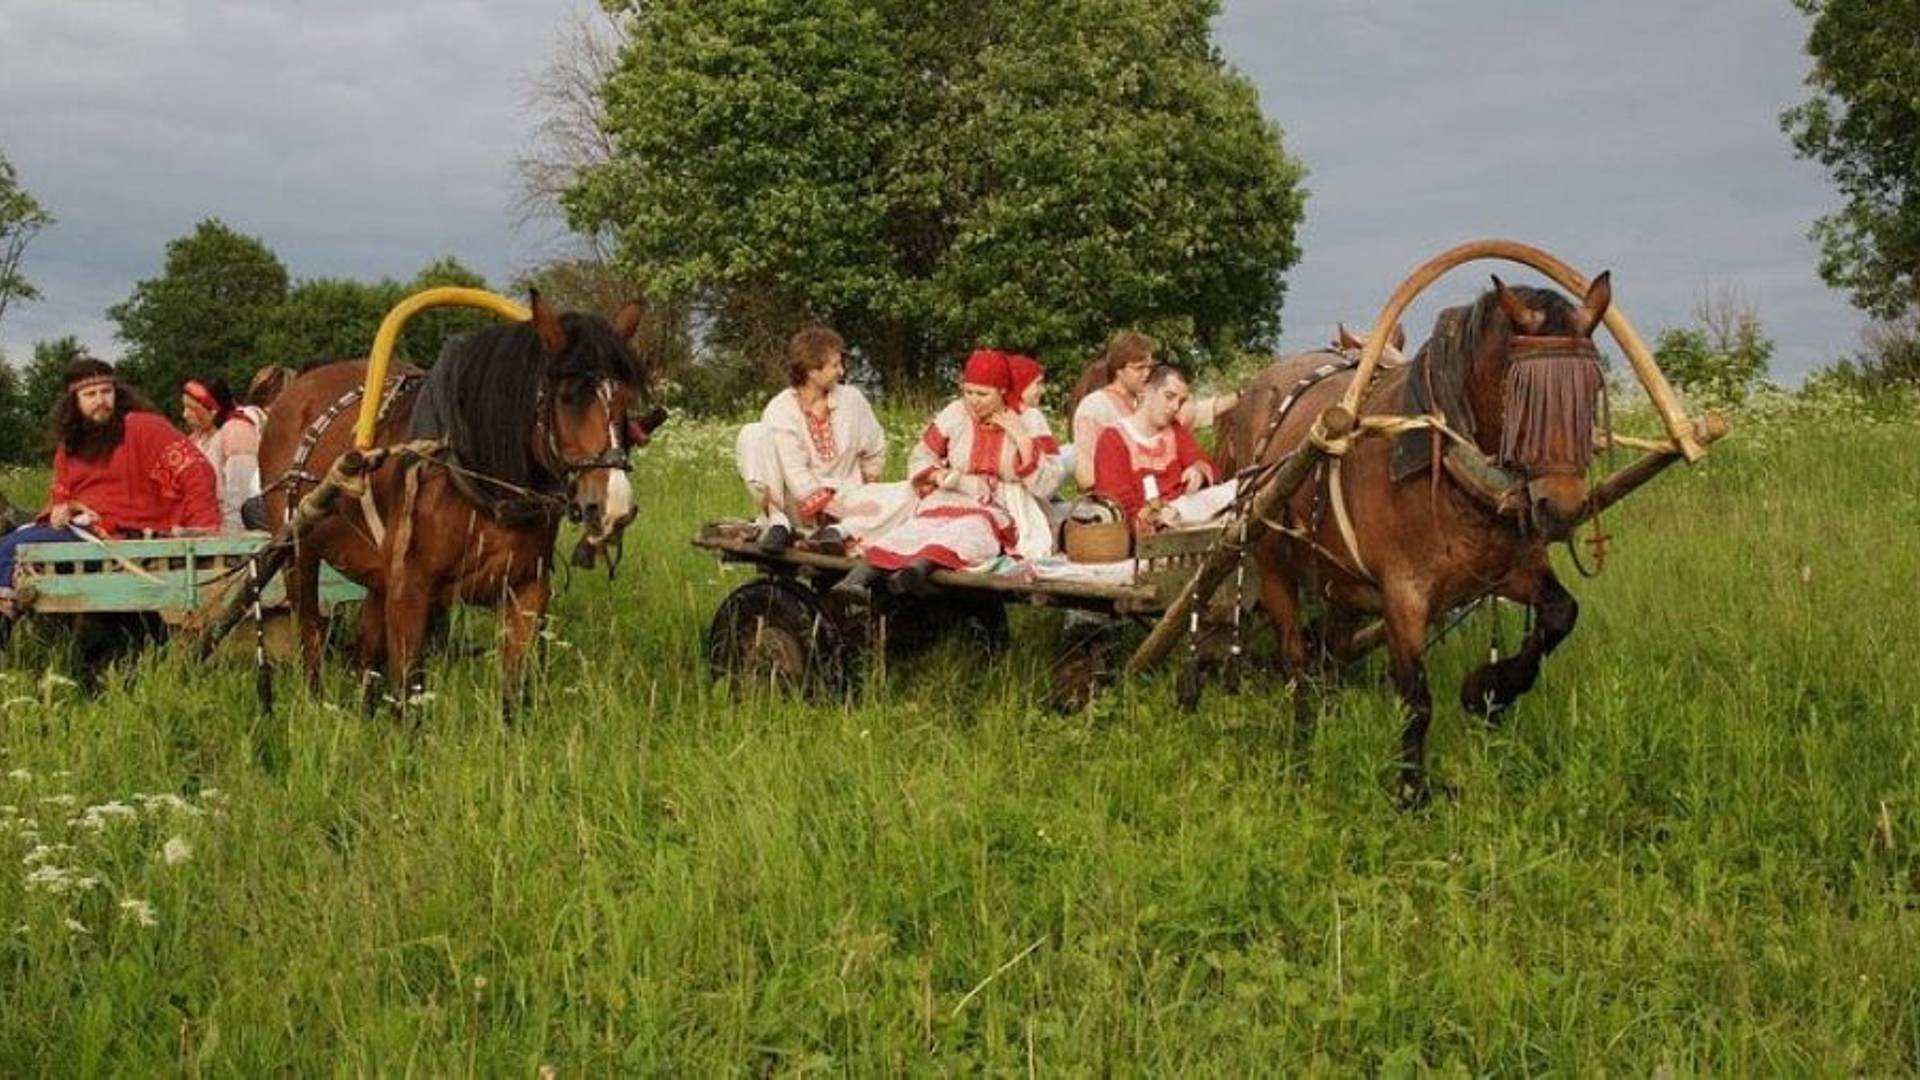 Familienreise mit Moskau und Ausflug aufs Land